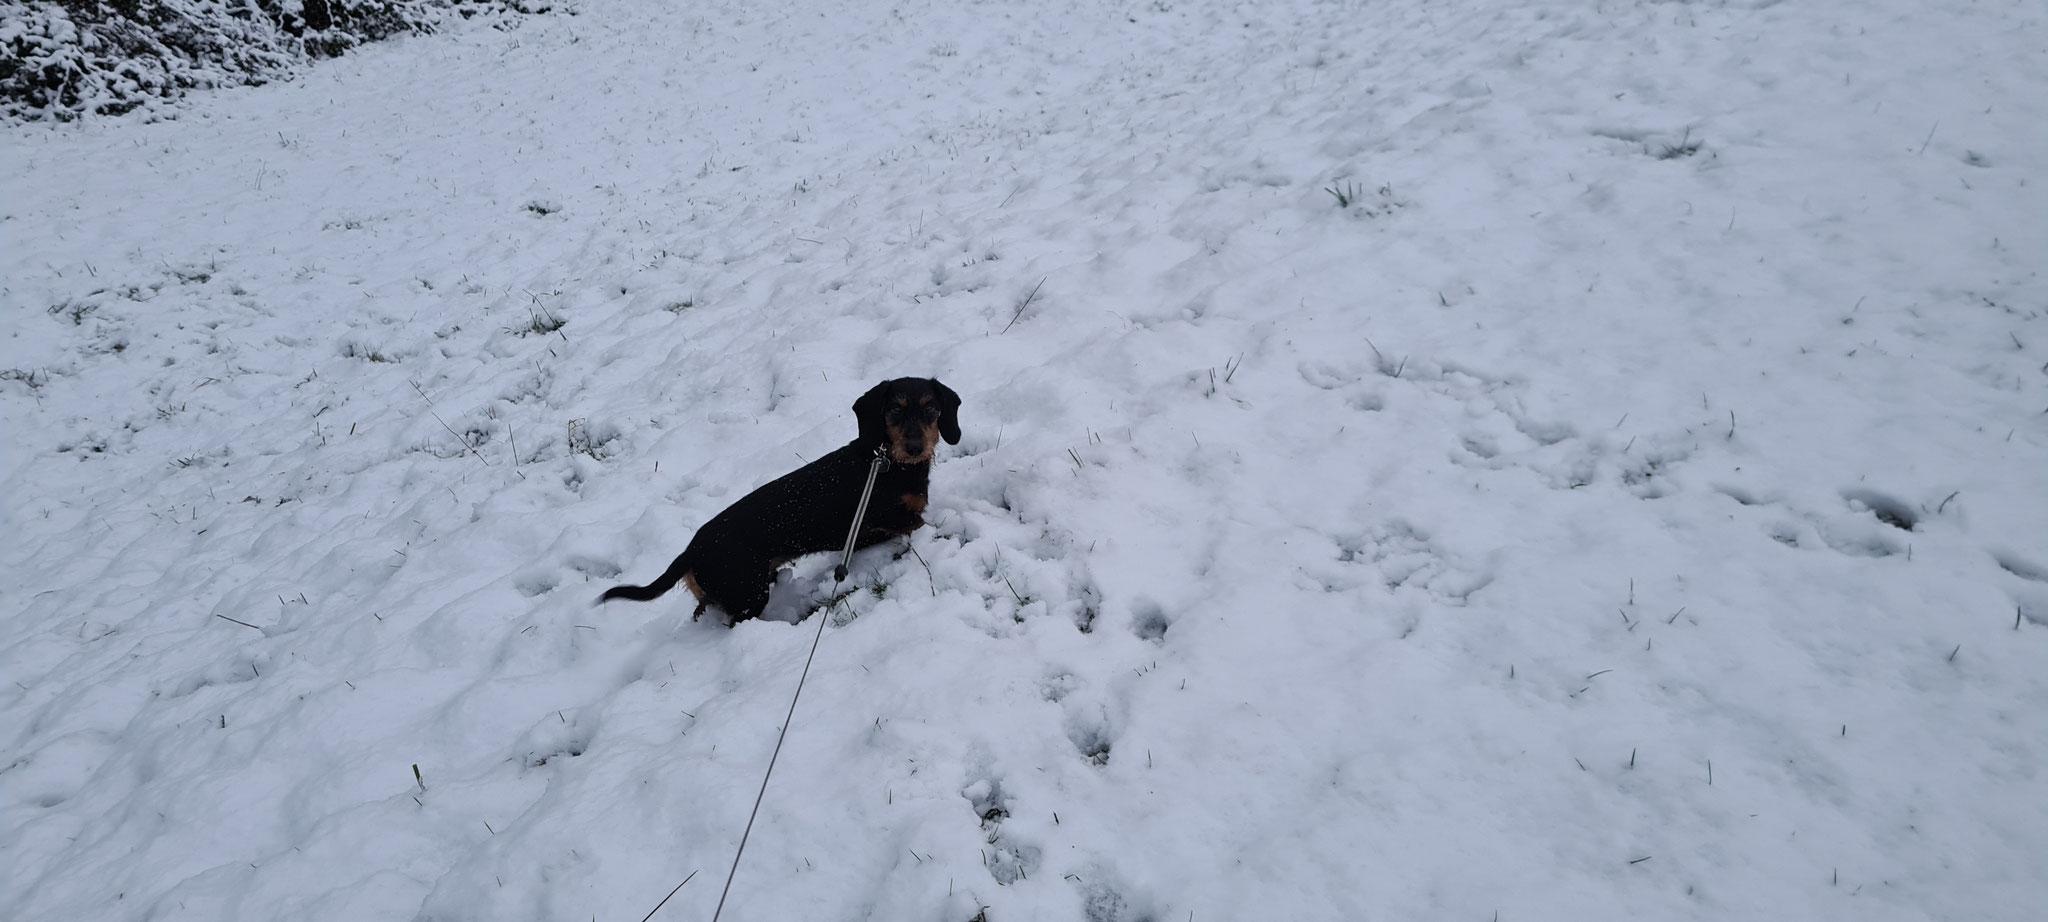 ...im Schnee und geniessen es